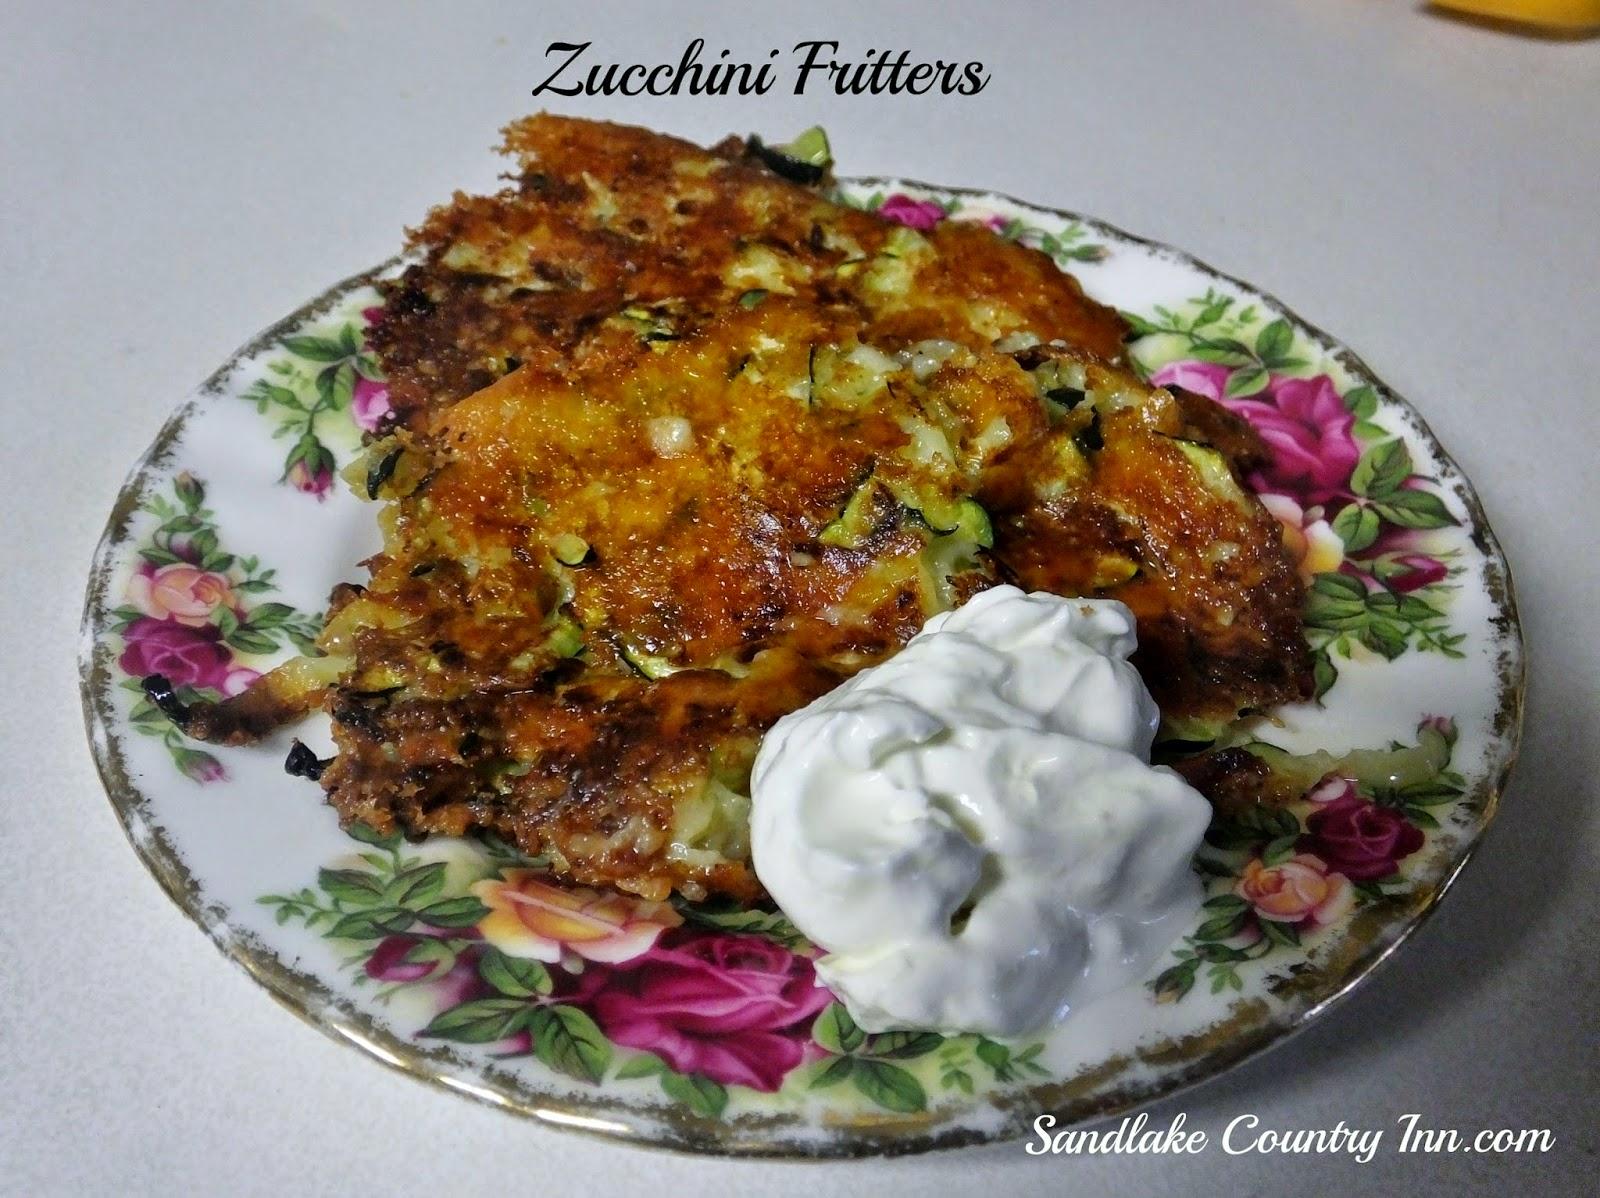 Sandlake Country Inn Zucchini Fritters